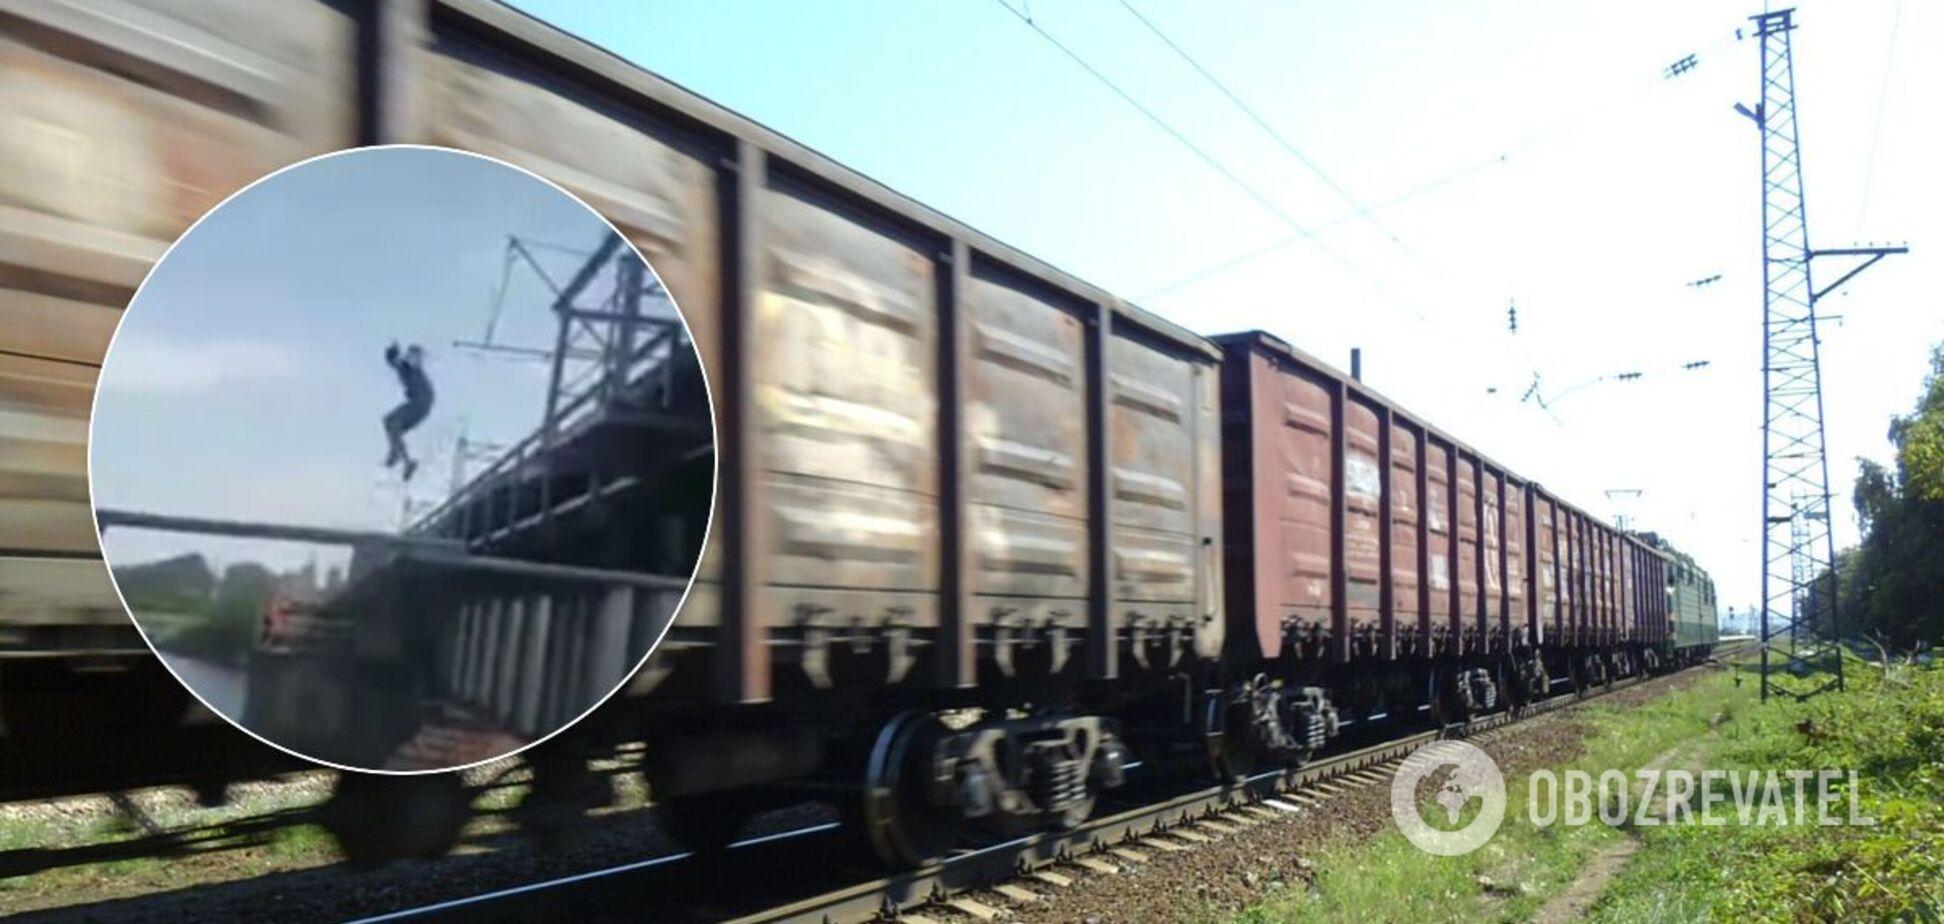 На Днепропетровщине подросток спрыгнул с поезда в реку и чудом выжил. Видео